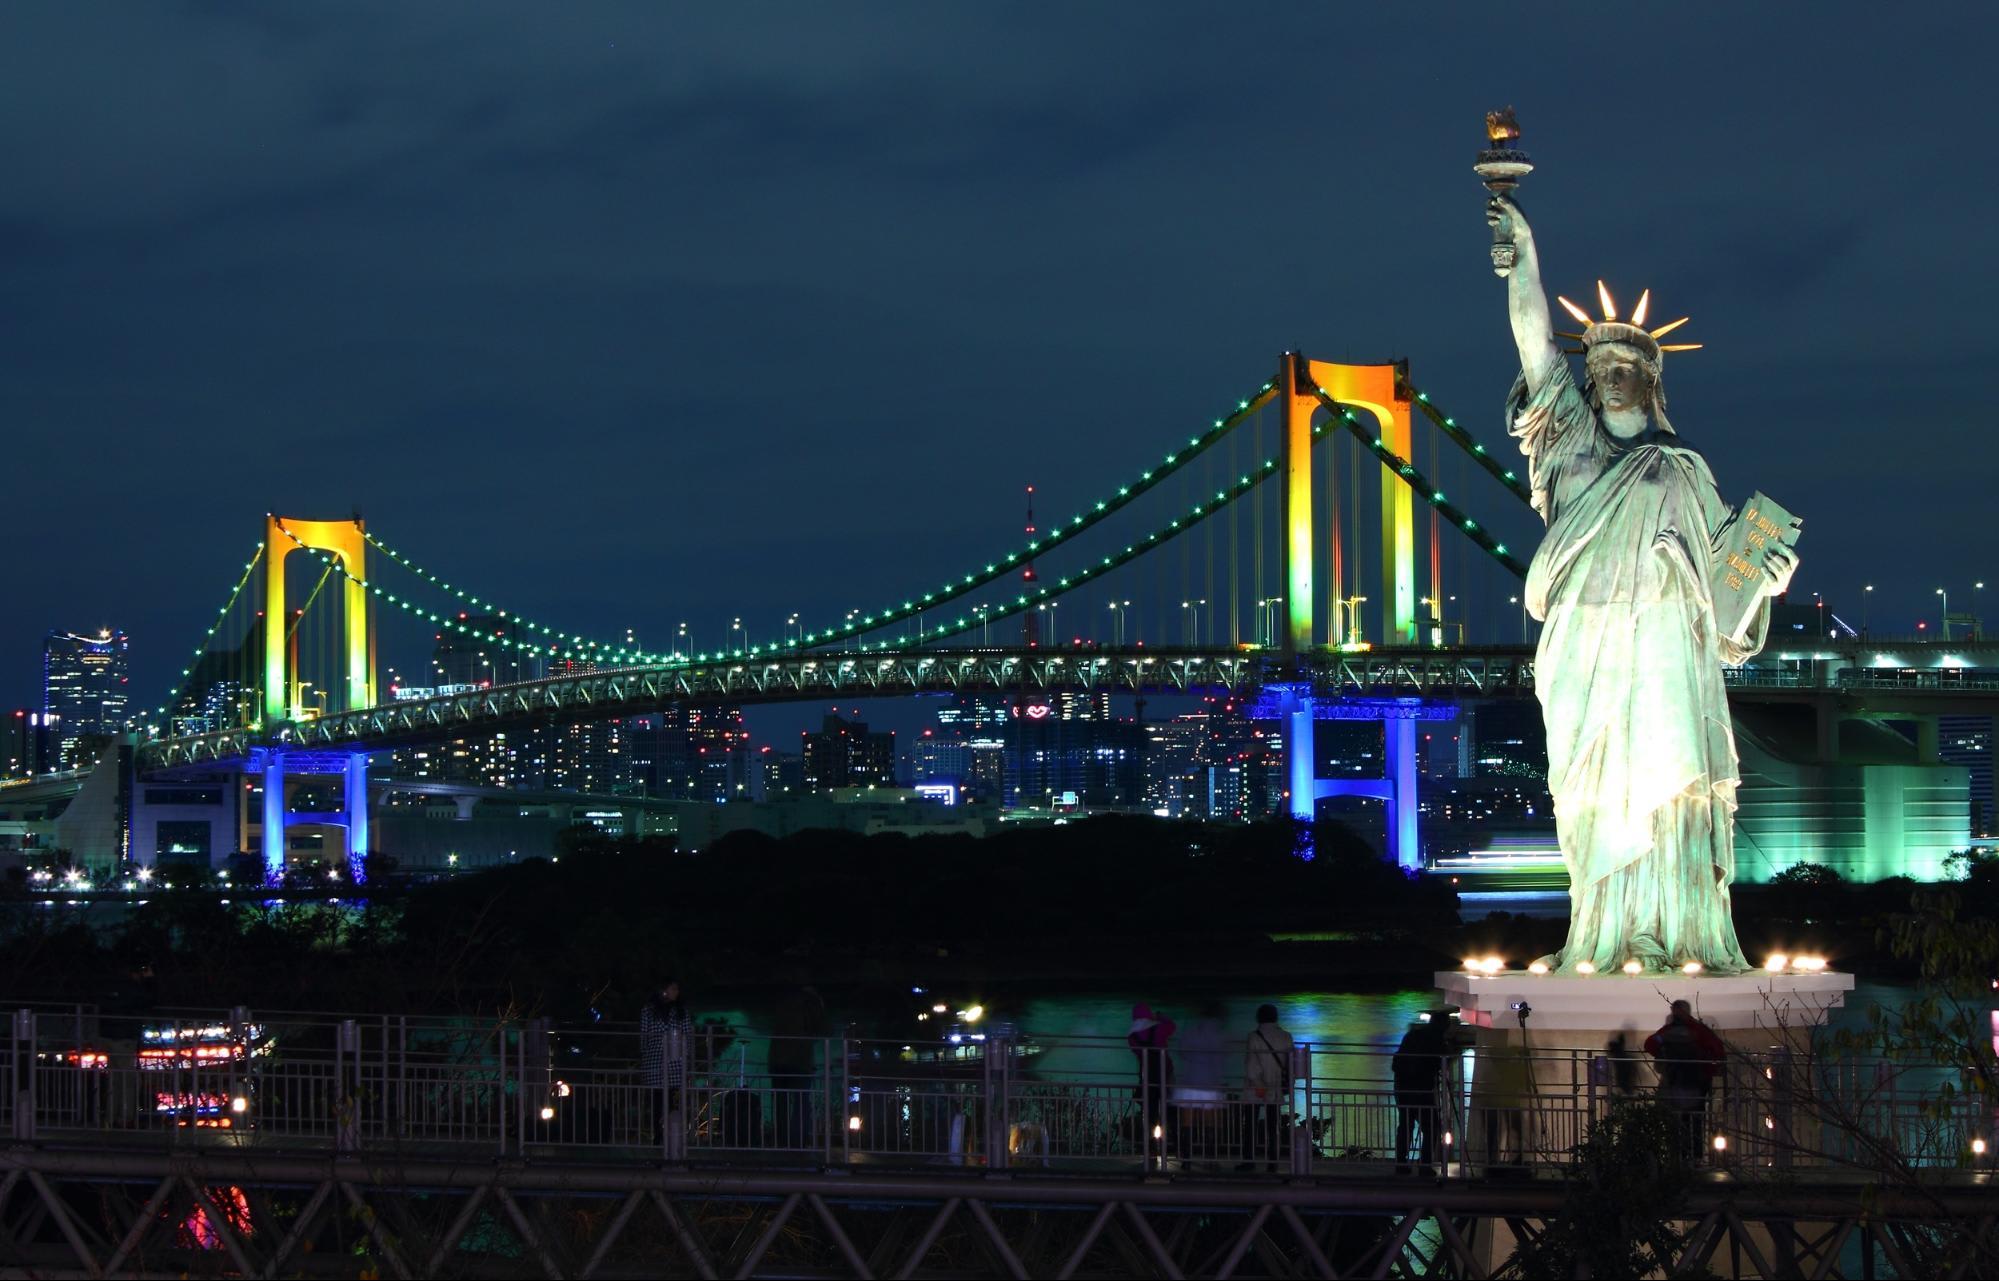 御台场彩虹桥 (Rainbow Bridge in Odaiba)